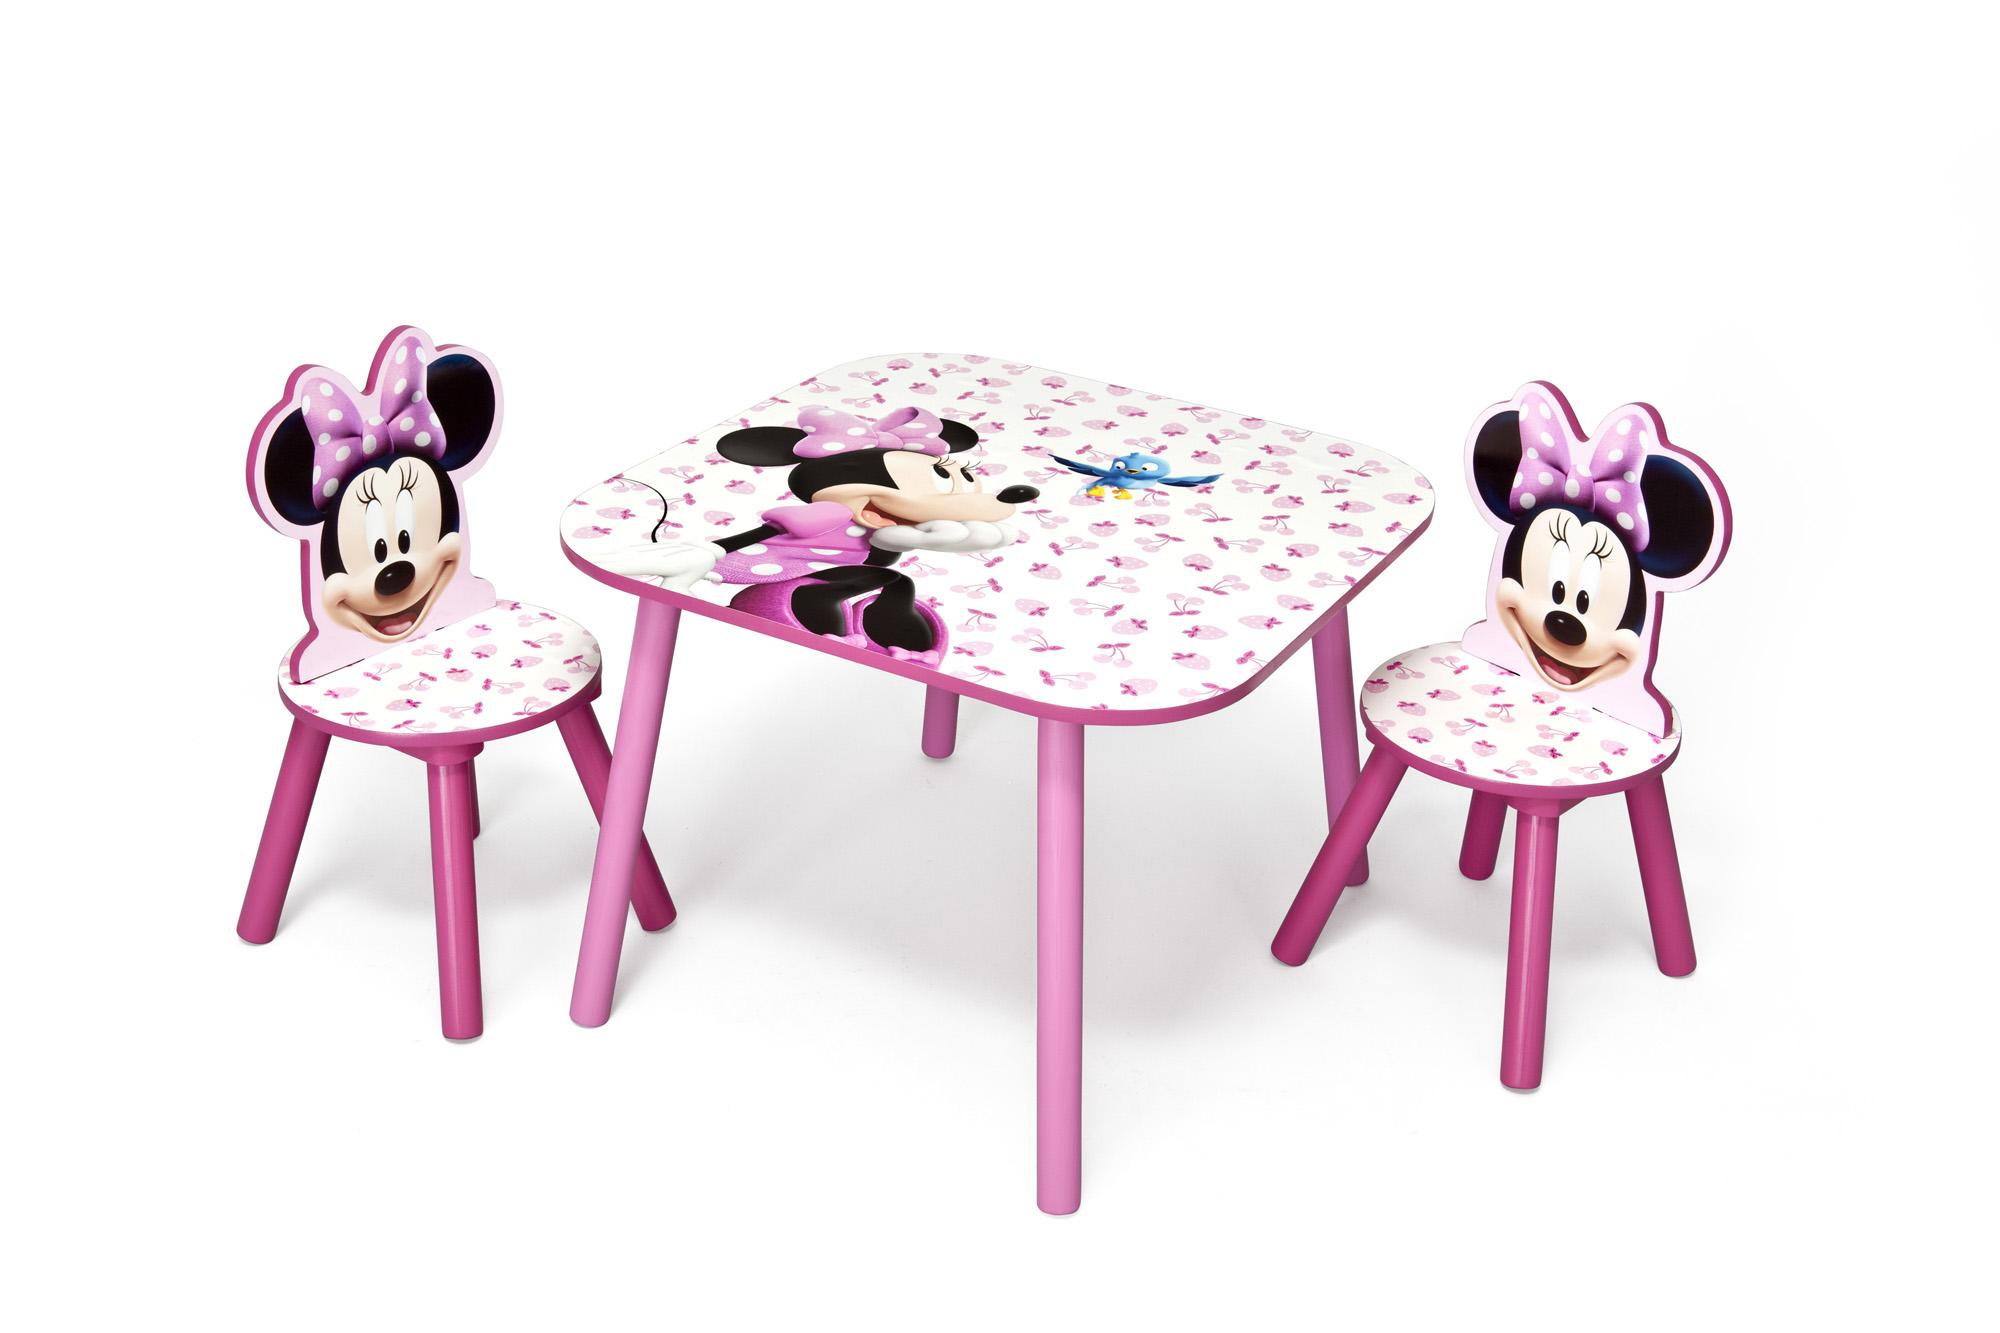 Dětský stůl s židlemi Minnie Mouse 2